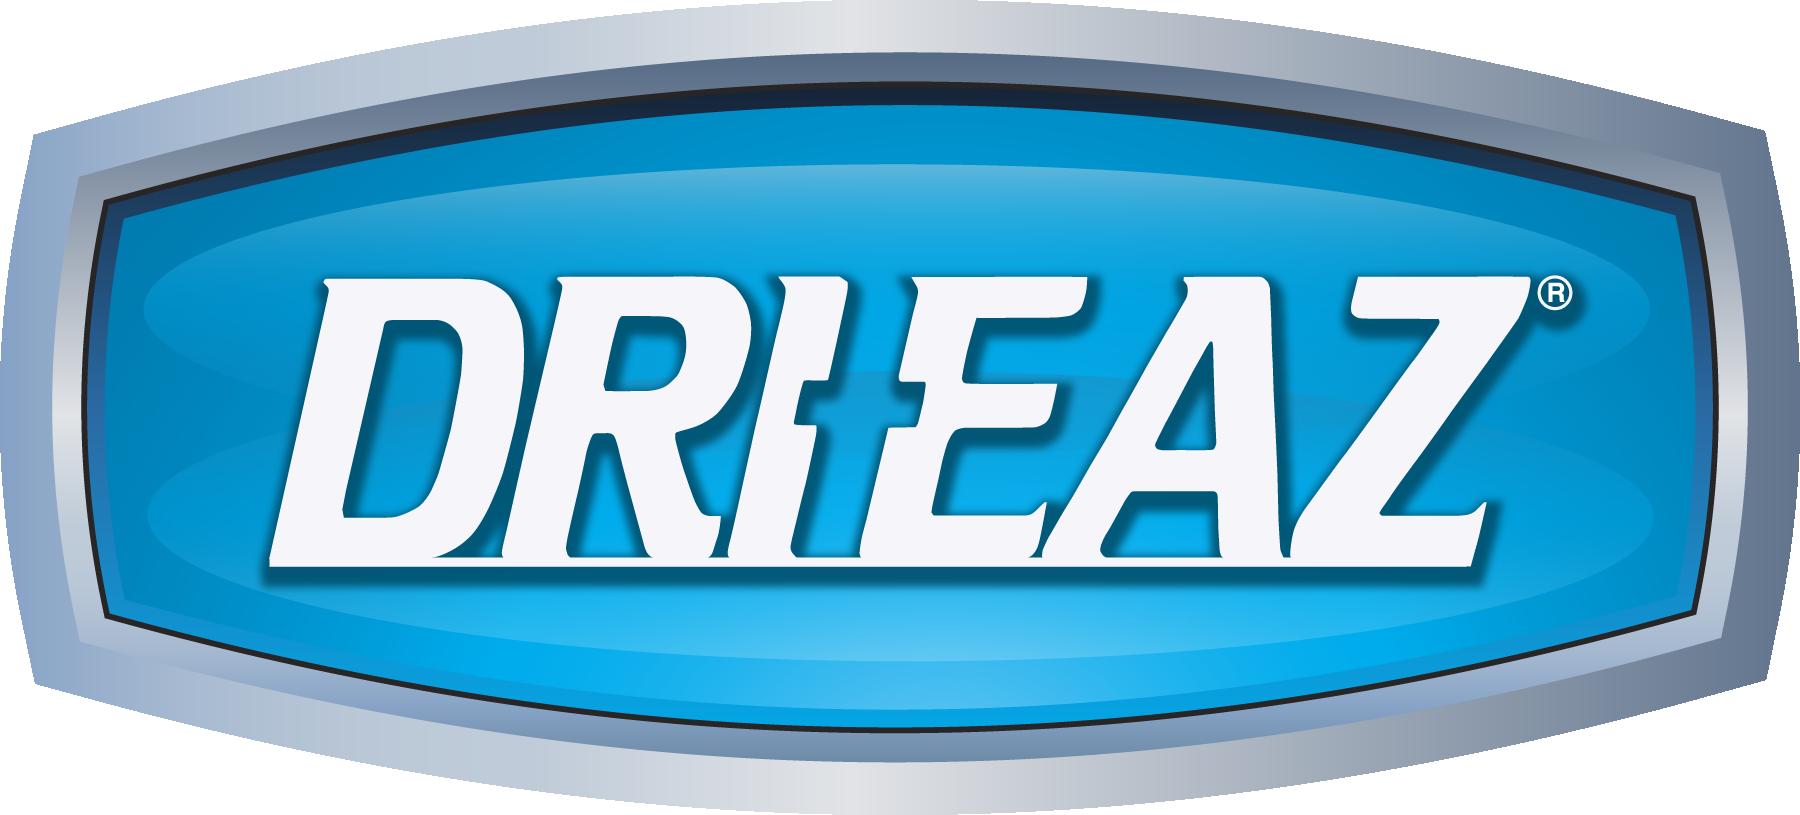 dri-eaz-logo-high-resfffii.png